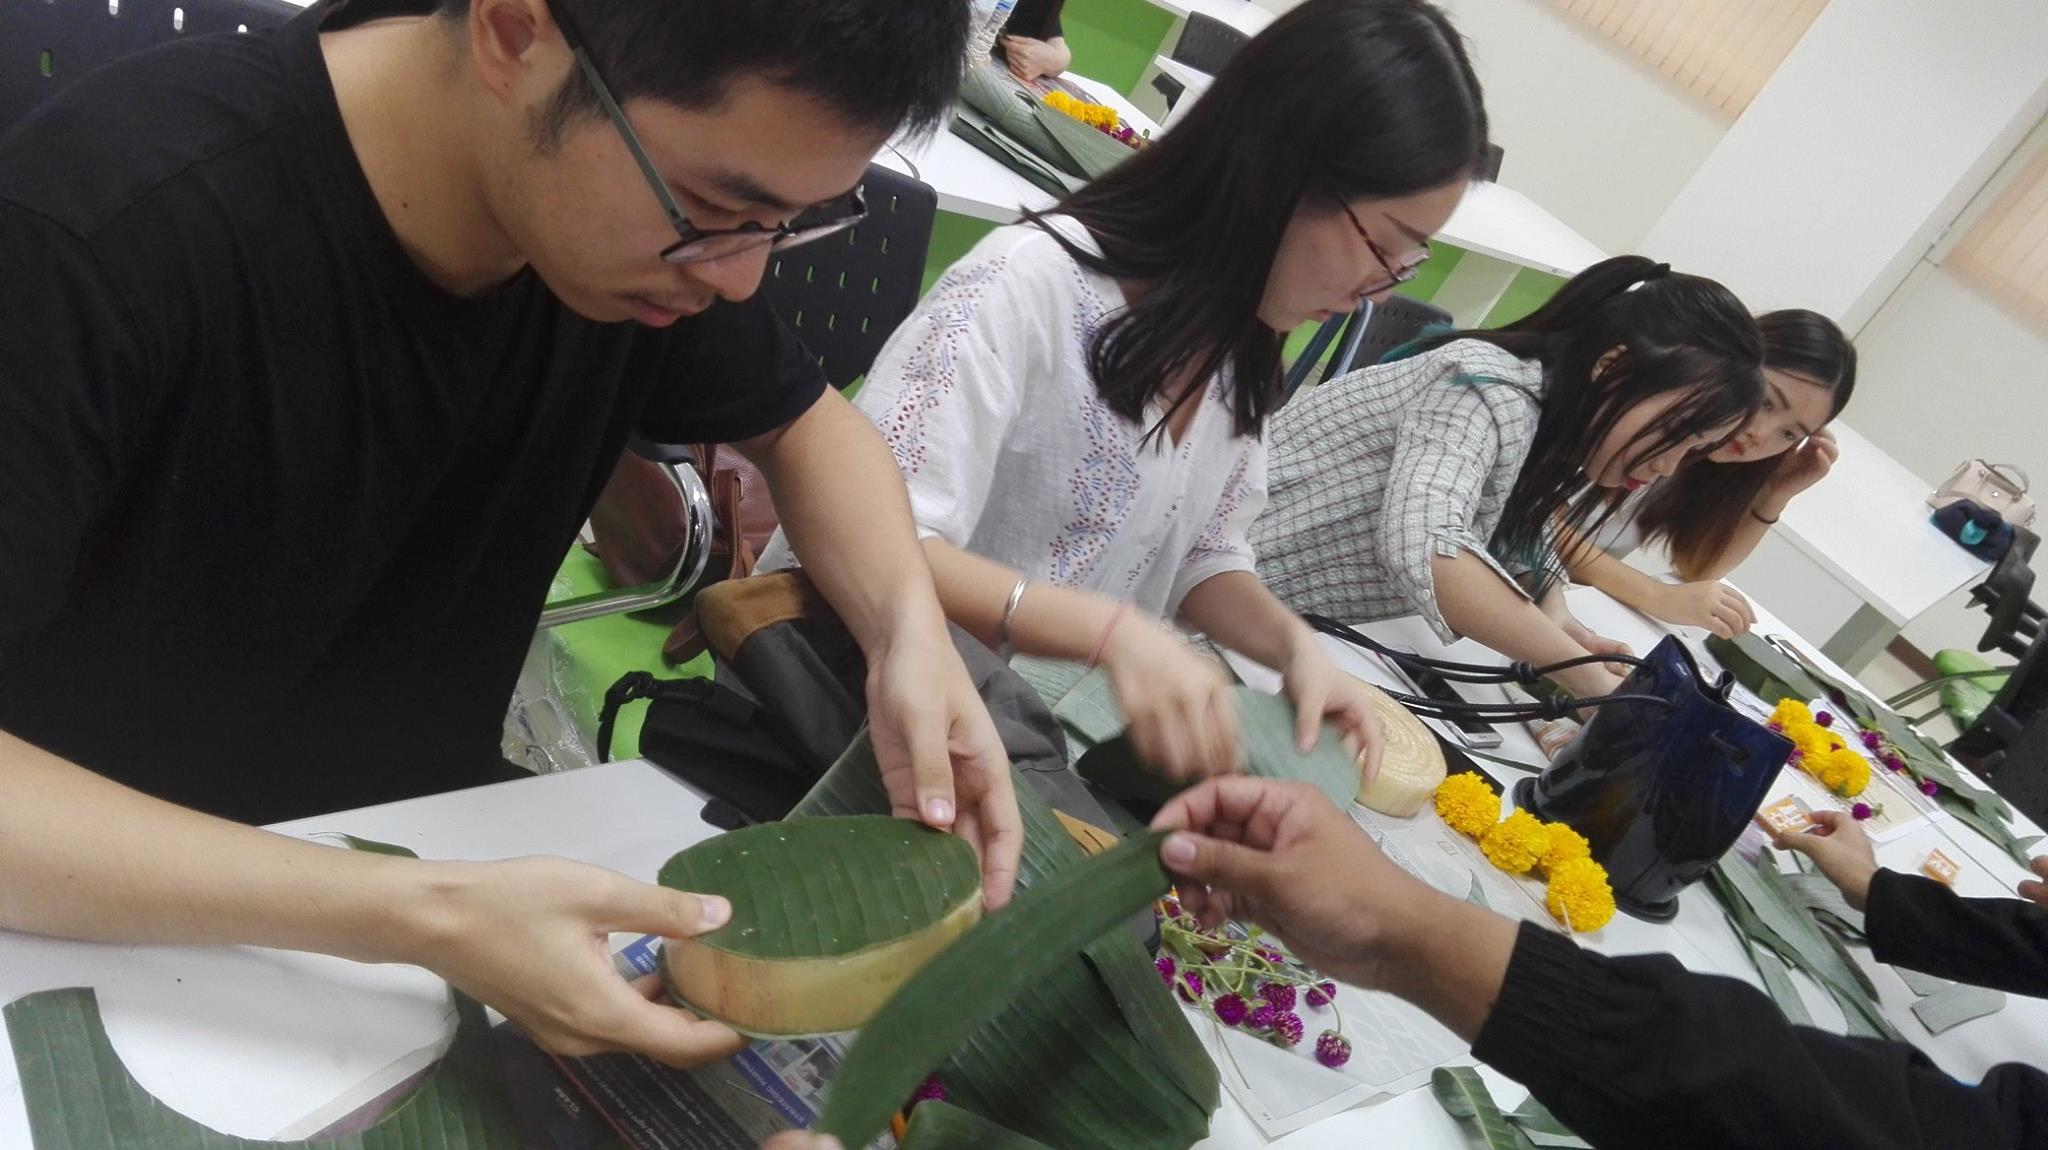 กิจกรรมสอนวิธีการทำกระทงแก่นักศึกษาแลกเปลี่ยนจาก CTBU และ CQUT